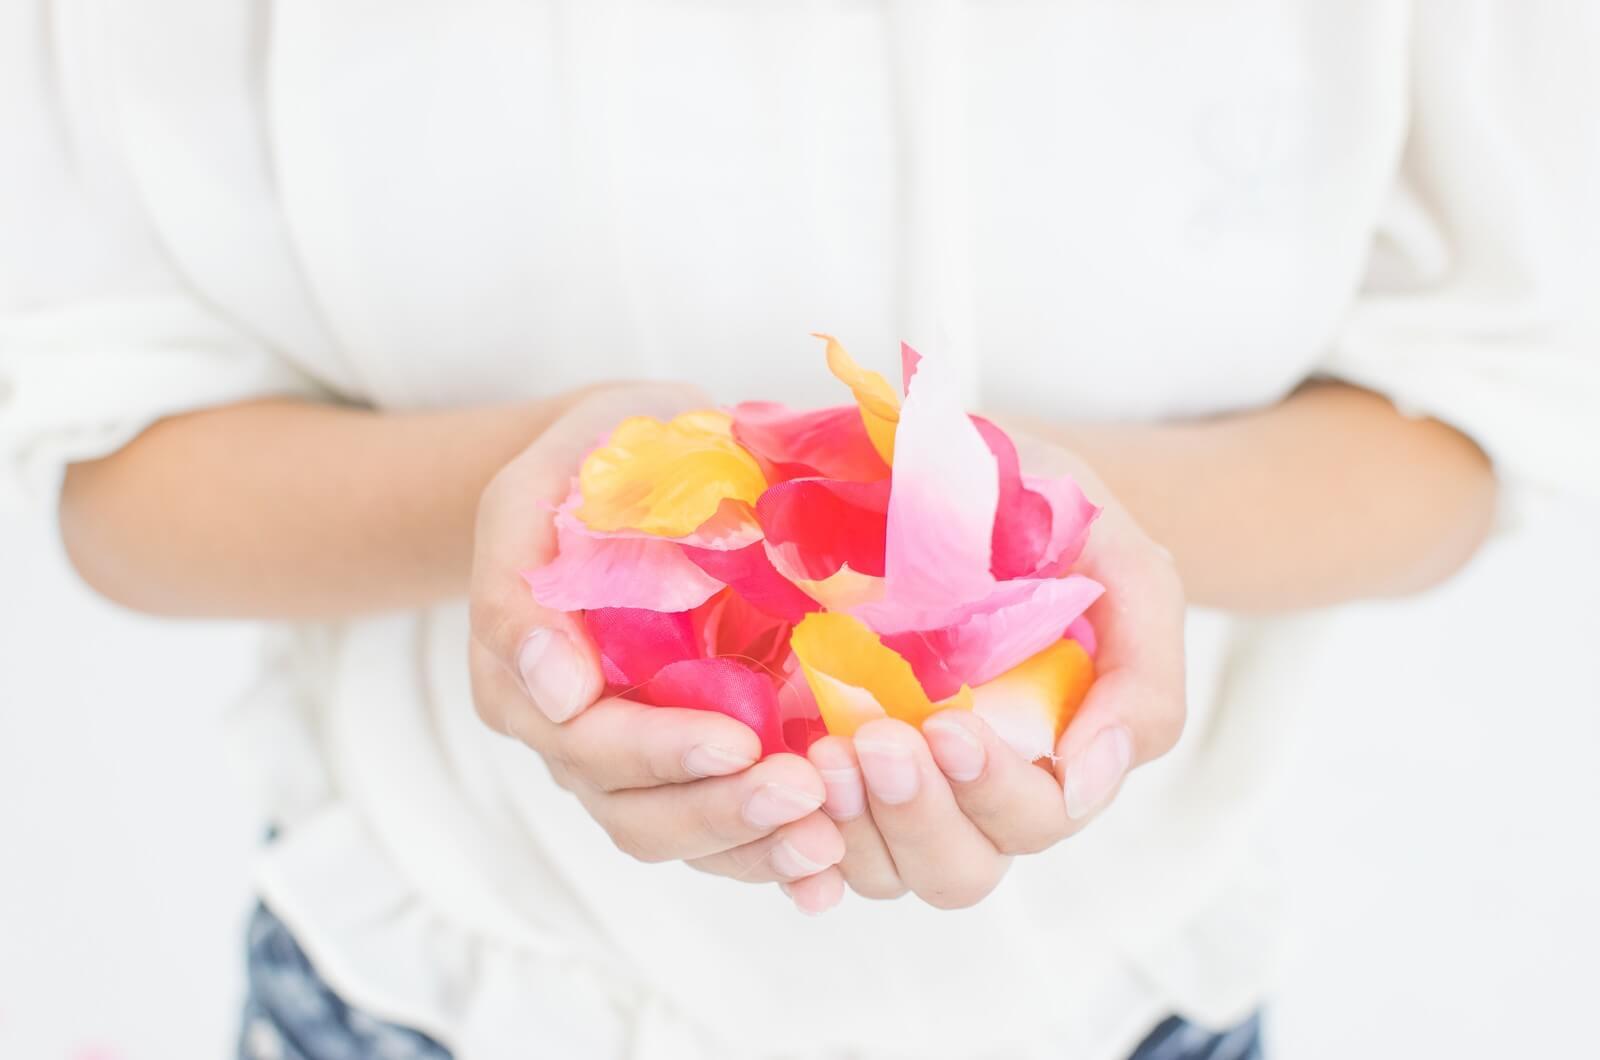 手のひらいっぱいの花びら